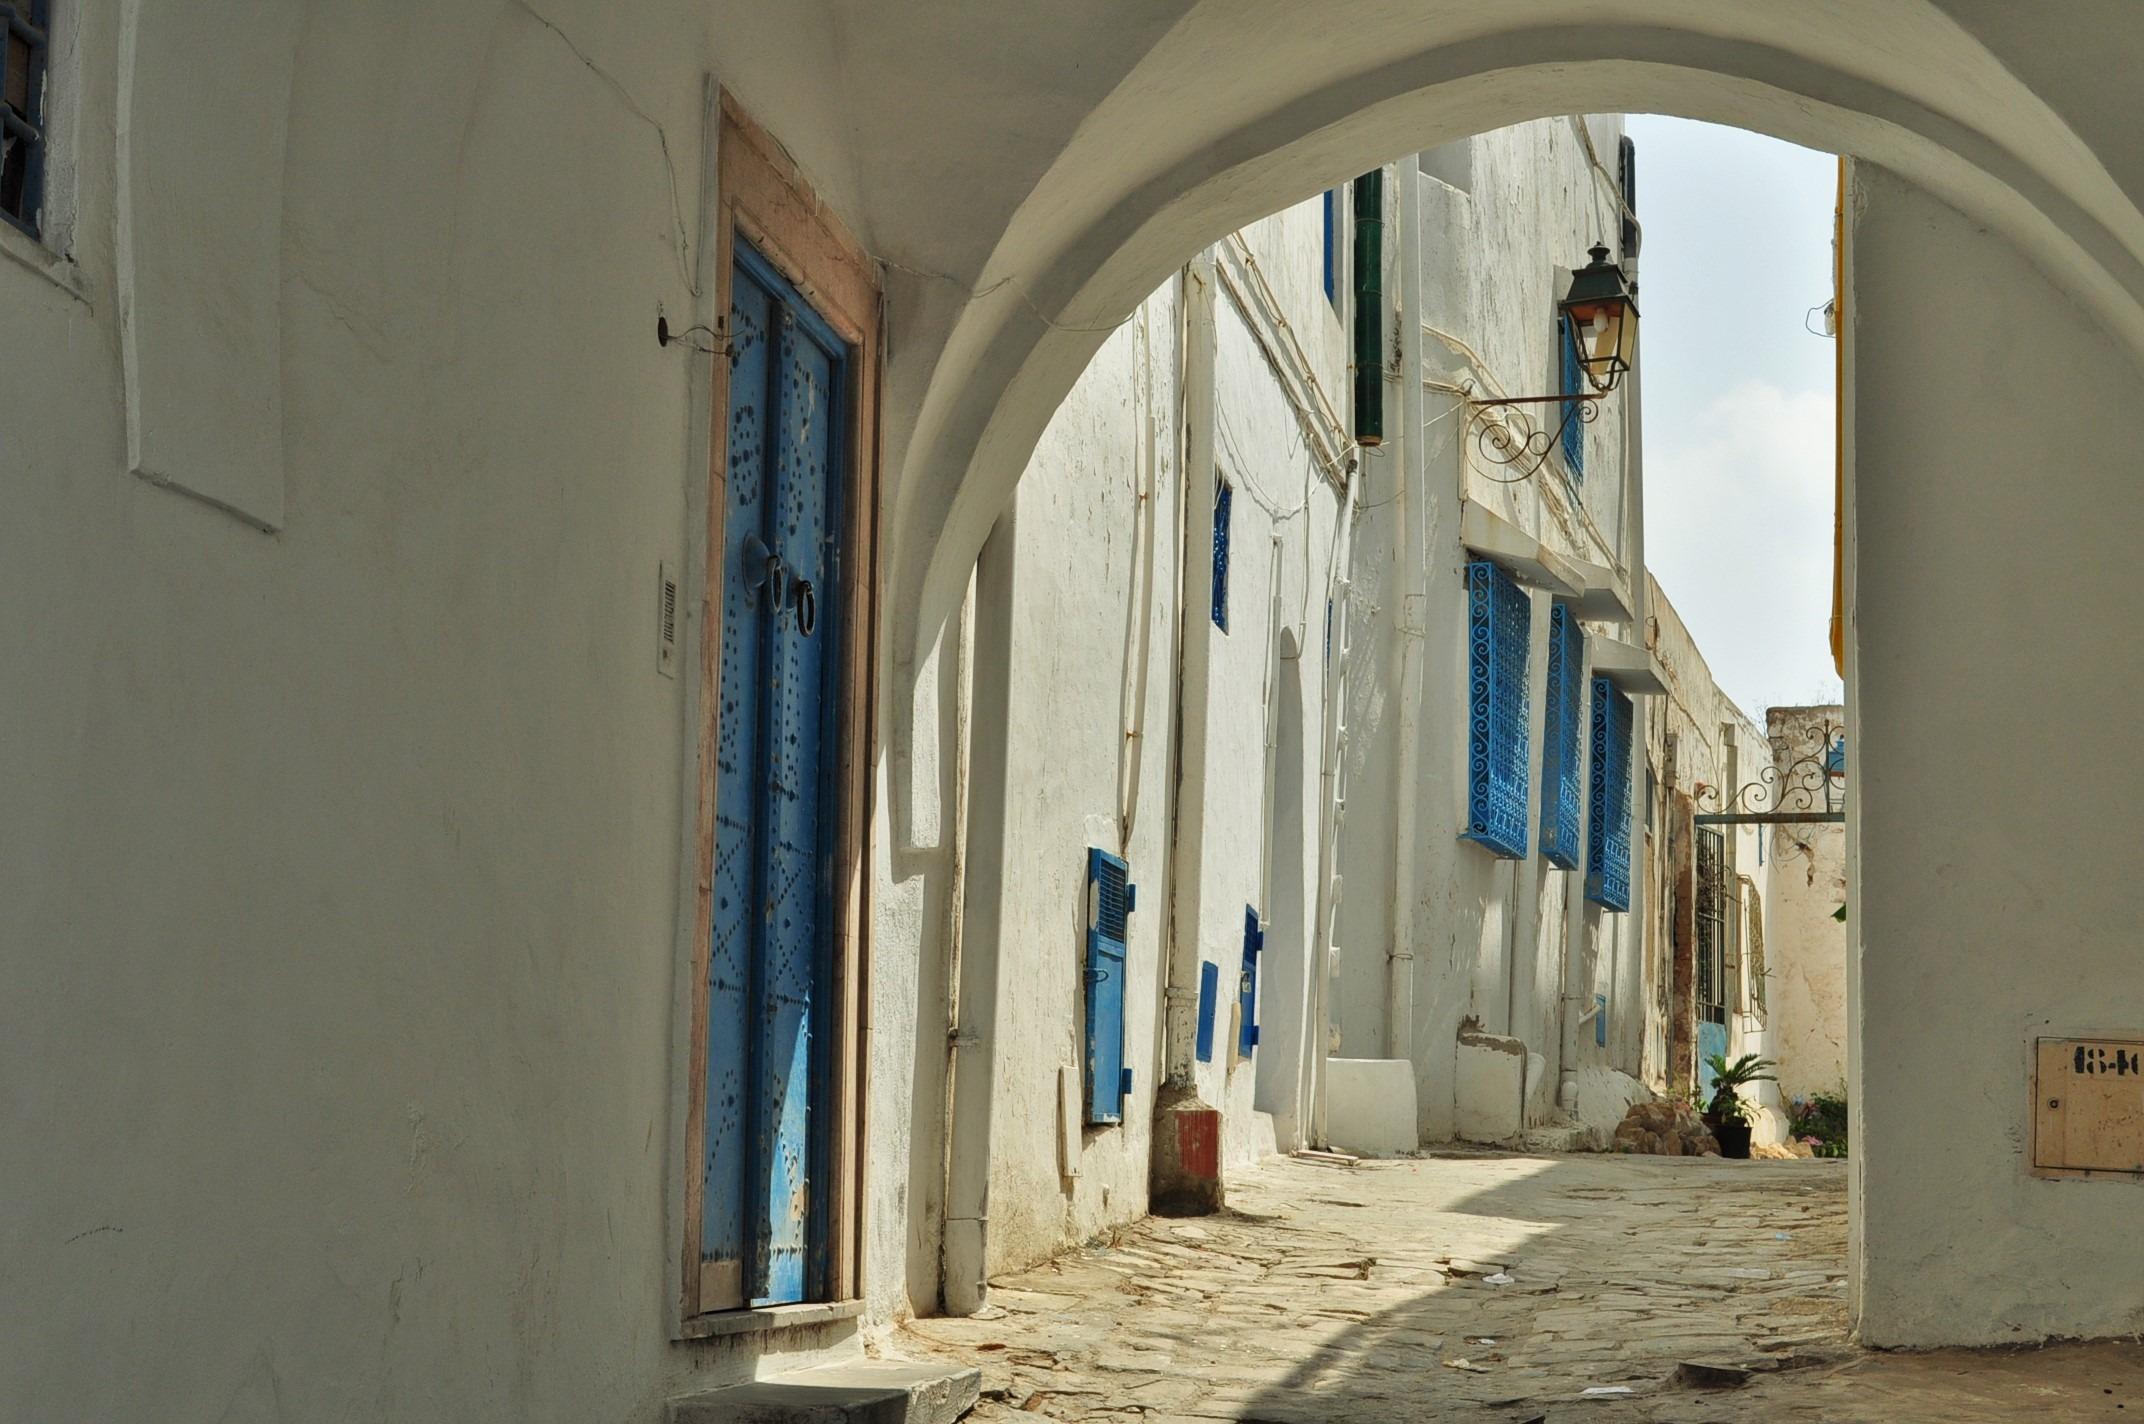 Намира се на хвърлей от столицата Тунис. Приказната му атмосфера се дължи на белите къщури с боядисаните в андалуско синьо балкони, еркери, врати и пр., по настояване на френски барон , живял тук през 20-те години на 20 век